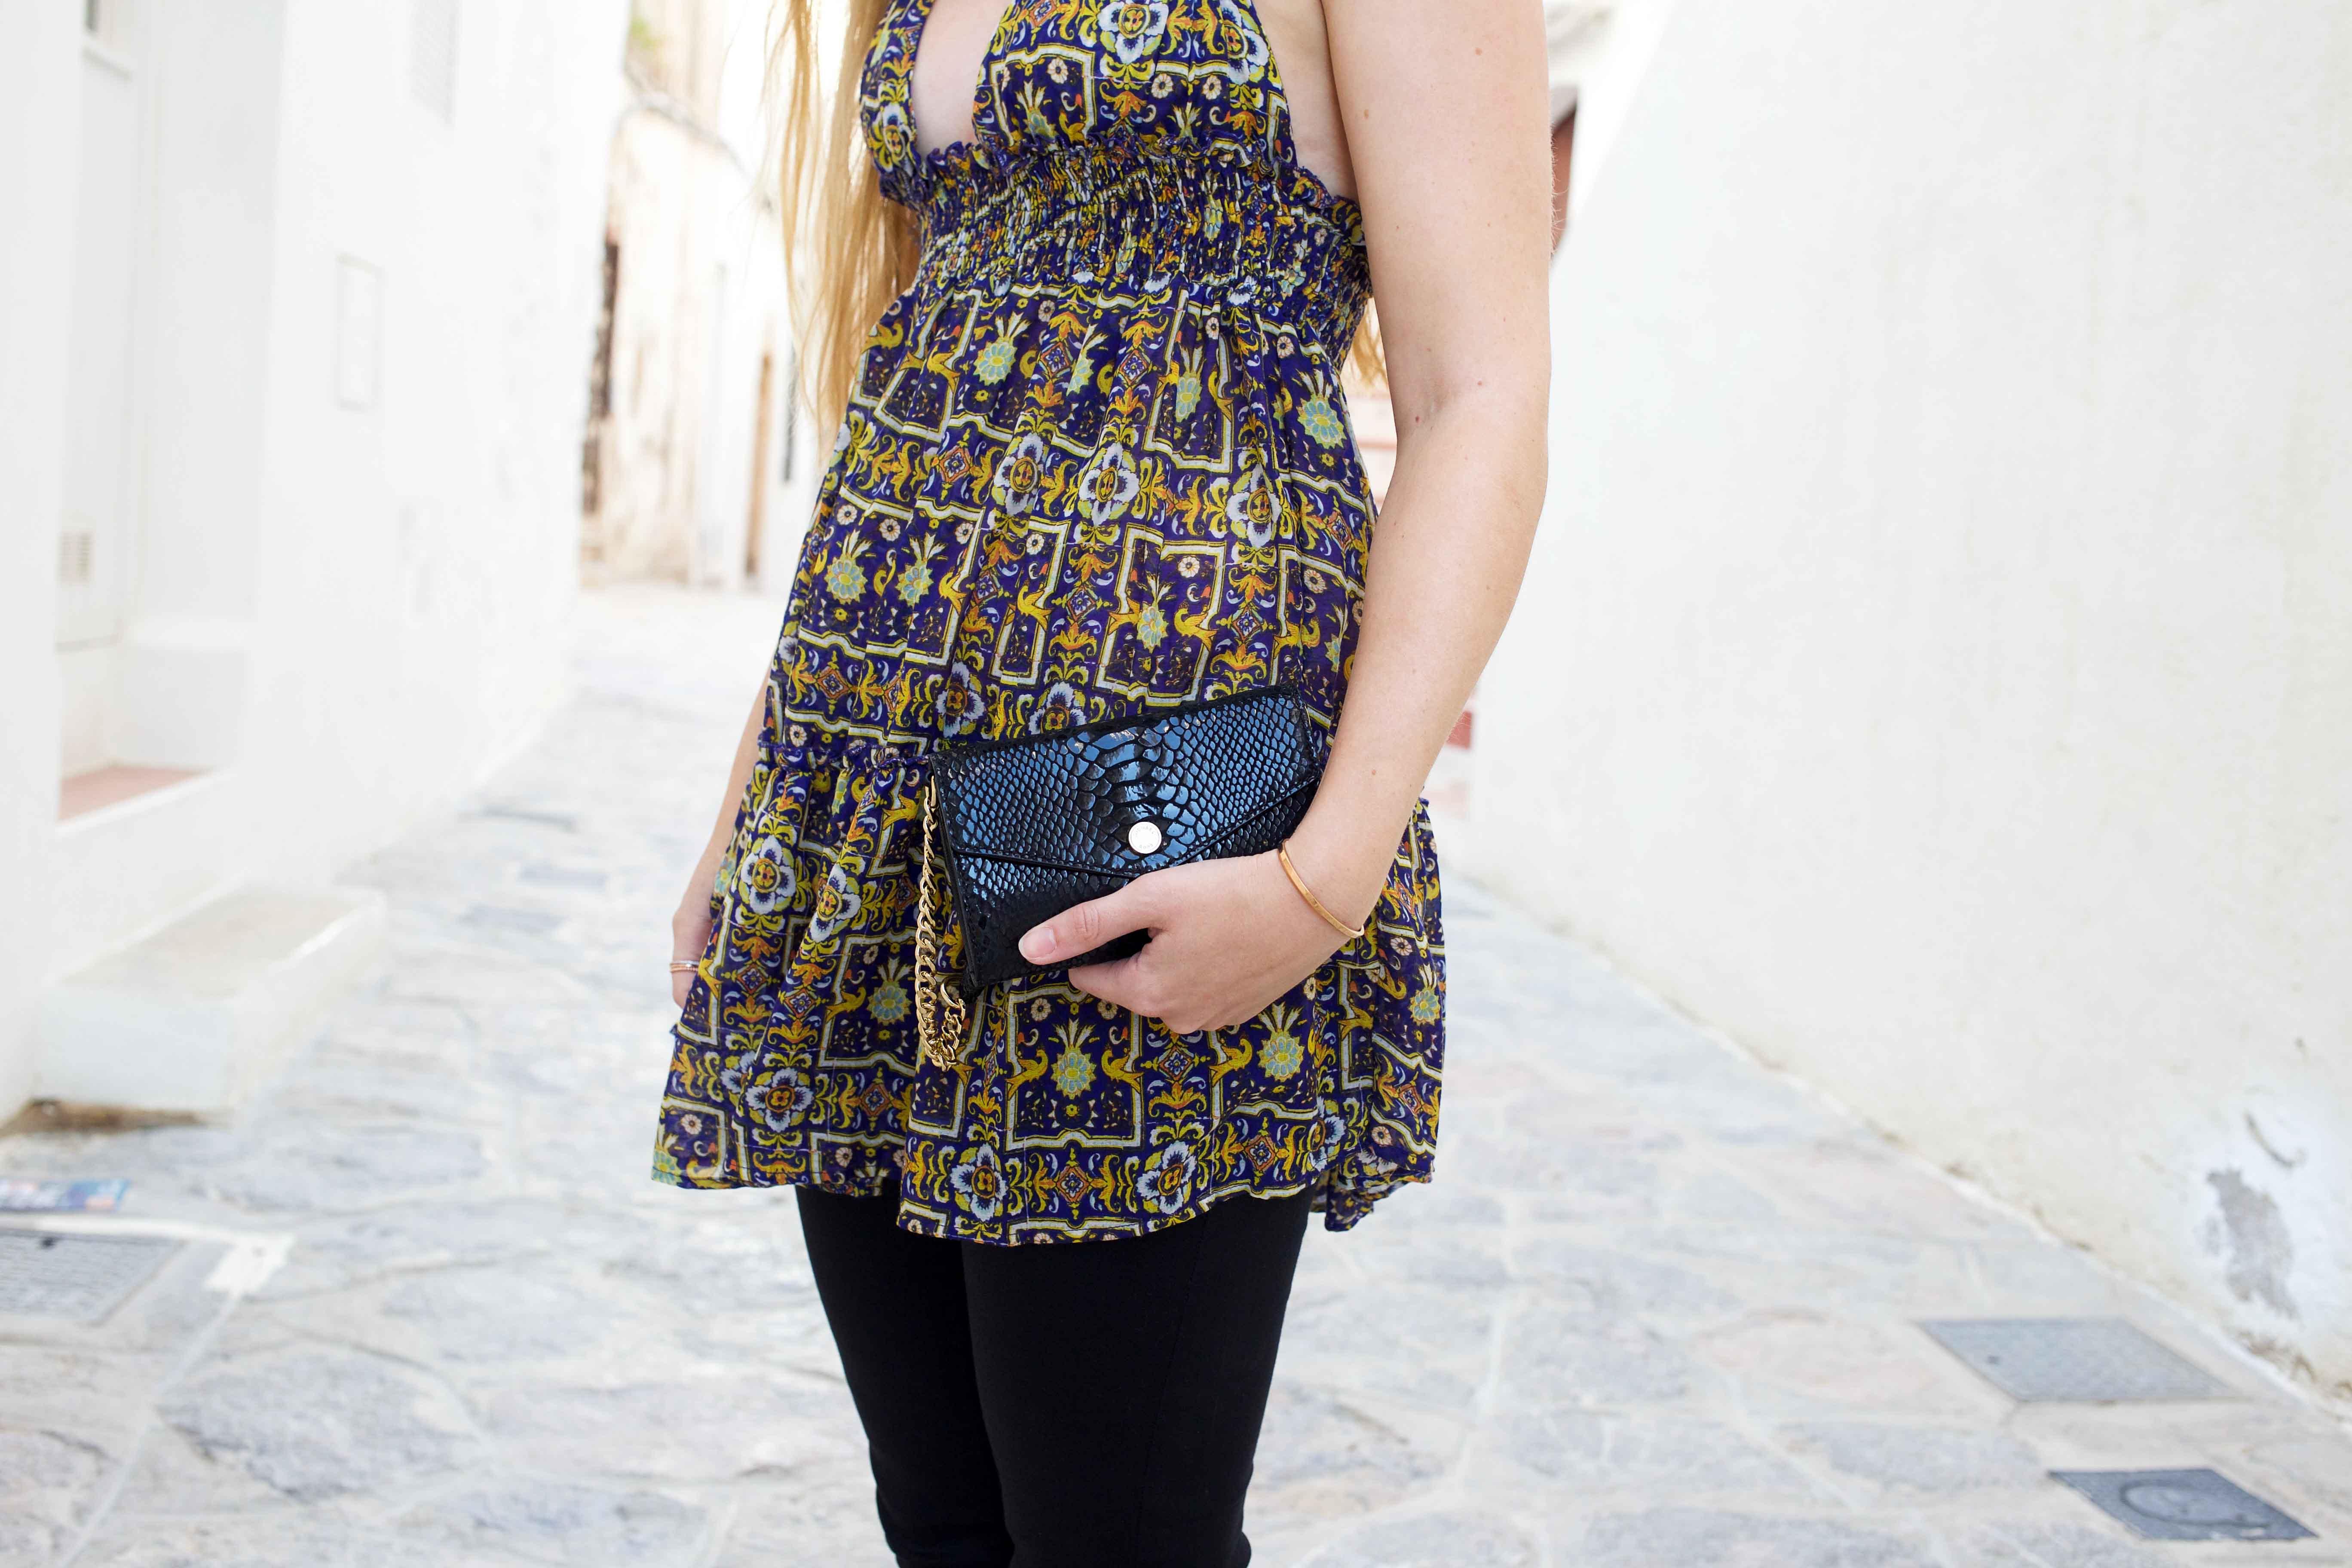 Luftiges buntes Oberteil Frühlingsoutfit Ibiza Modeblogger Deutschland Michael Kors Umhängetasche schwarz 3